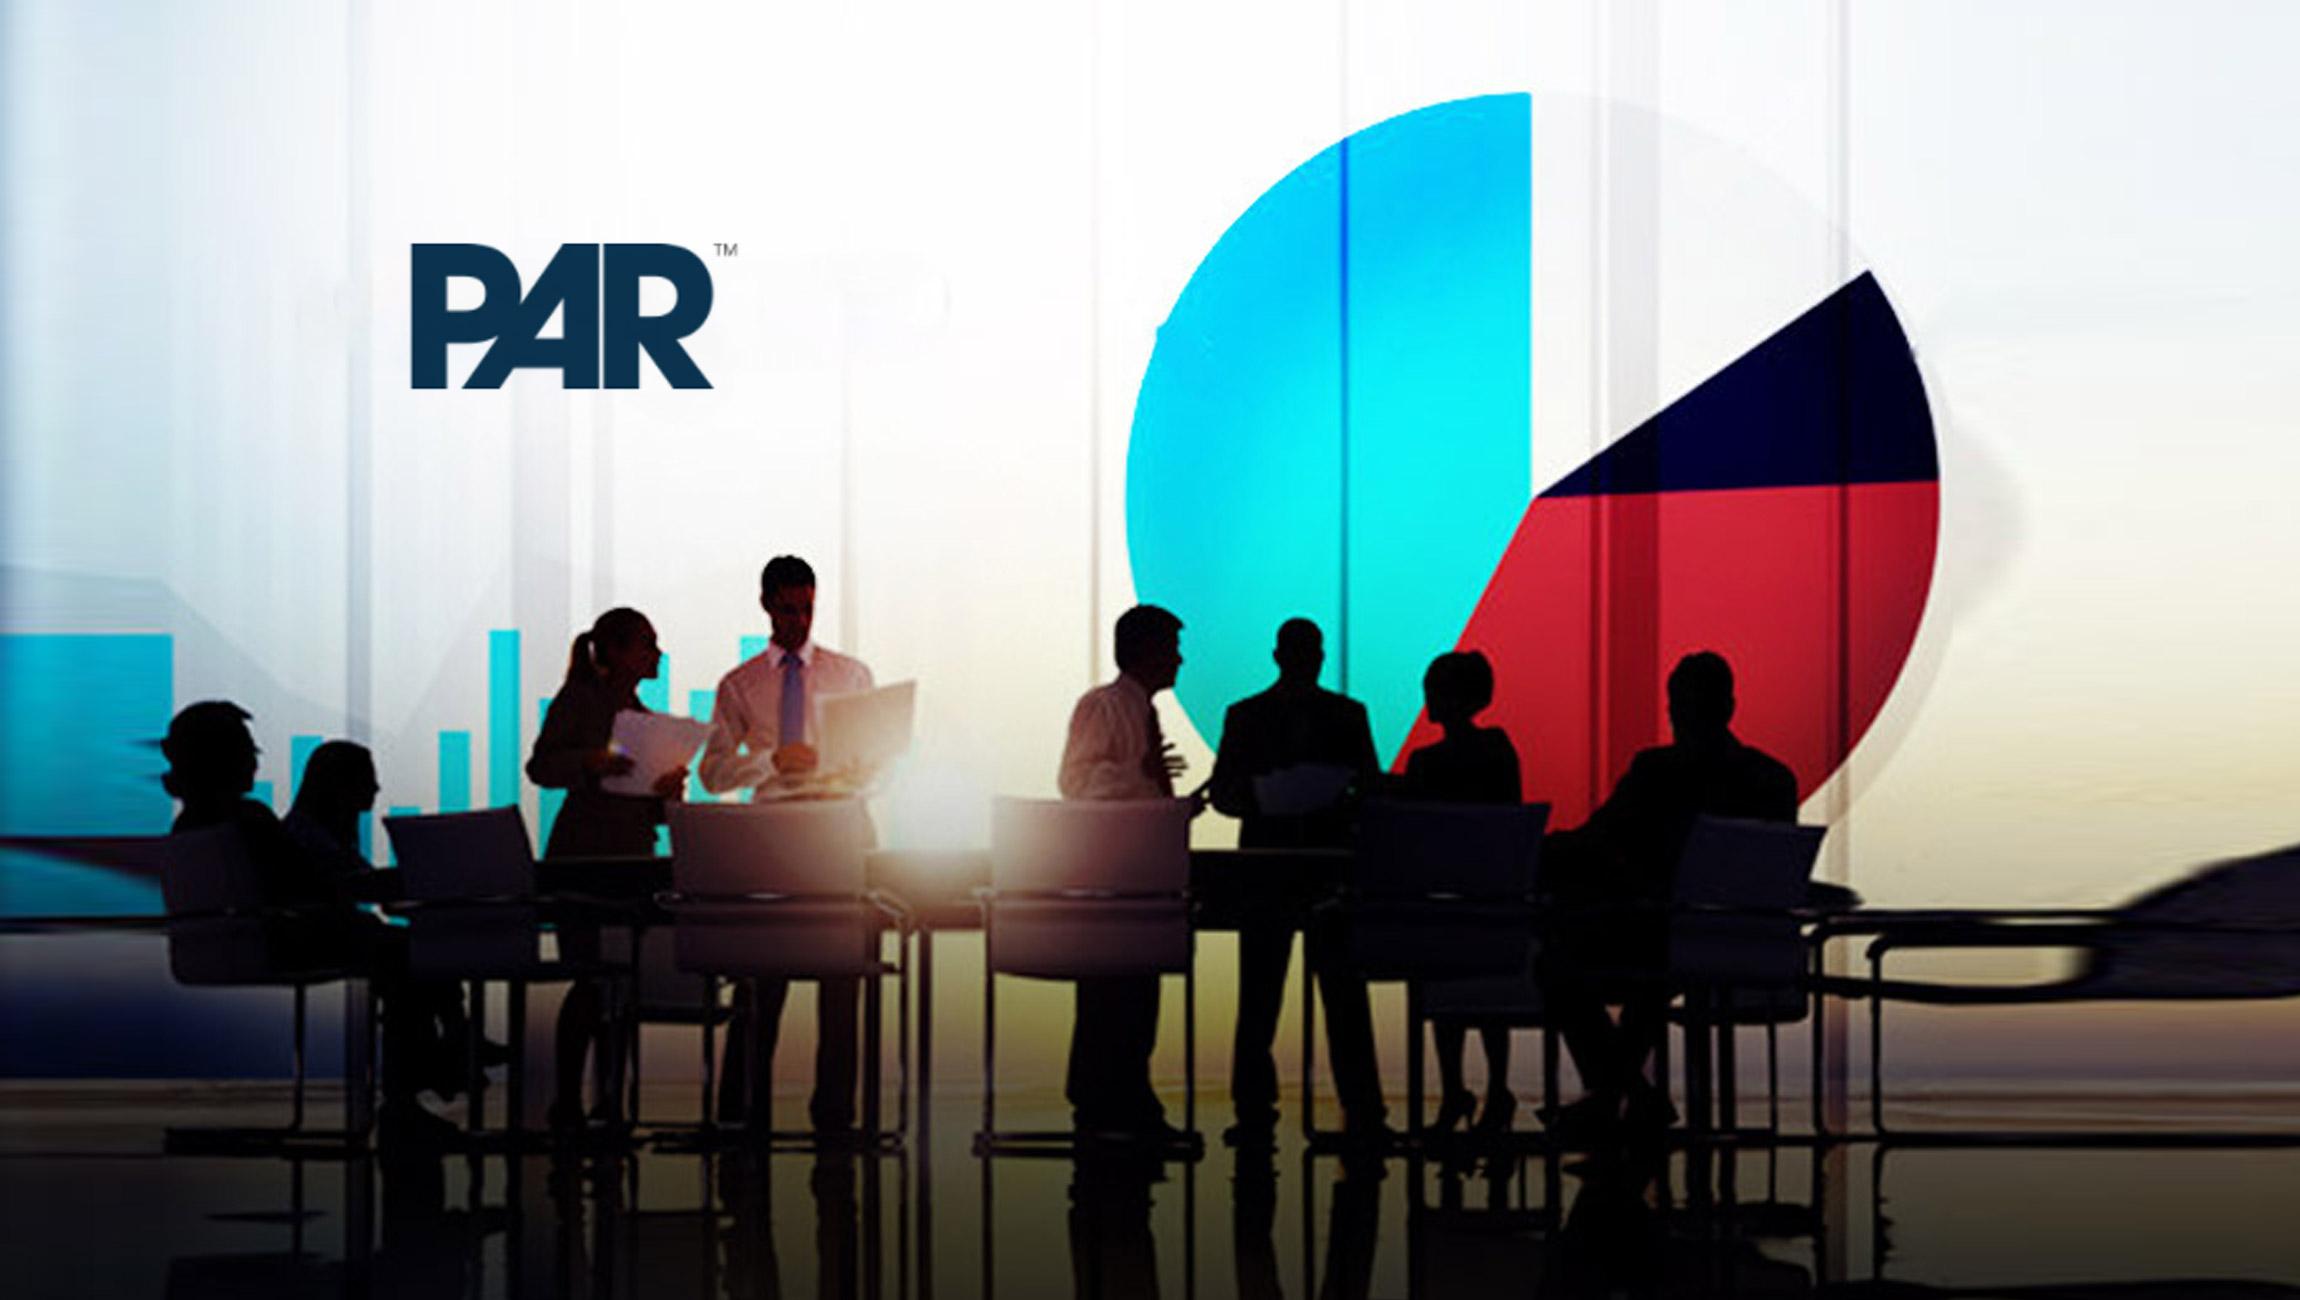 PAR Technology Introduces PAR Phase™